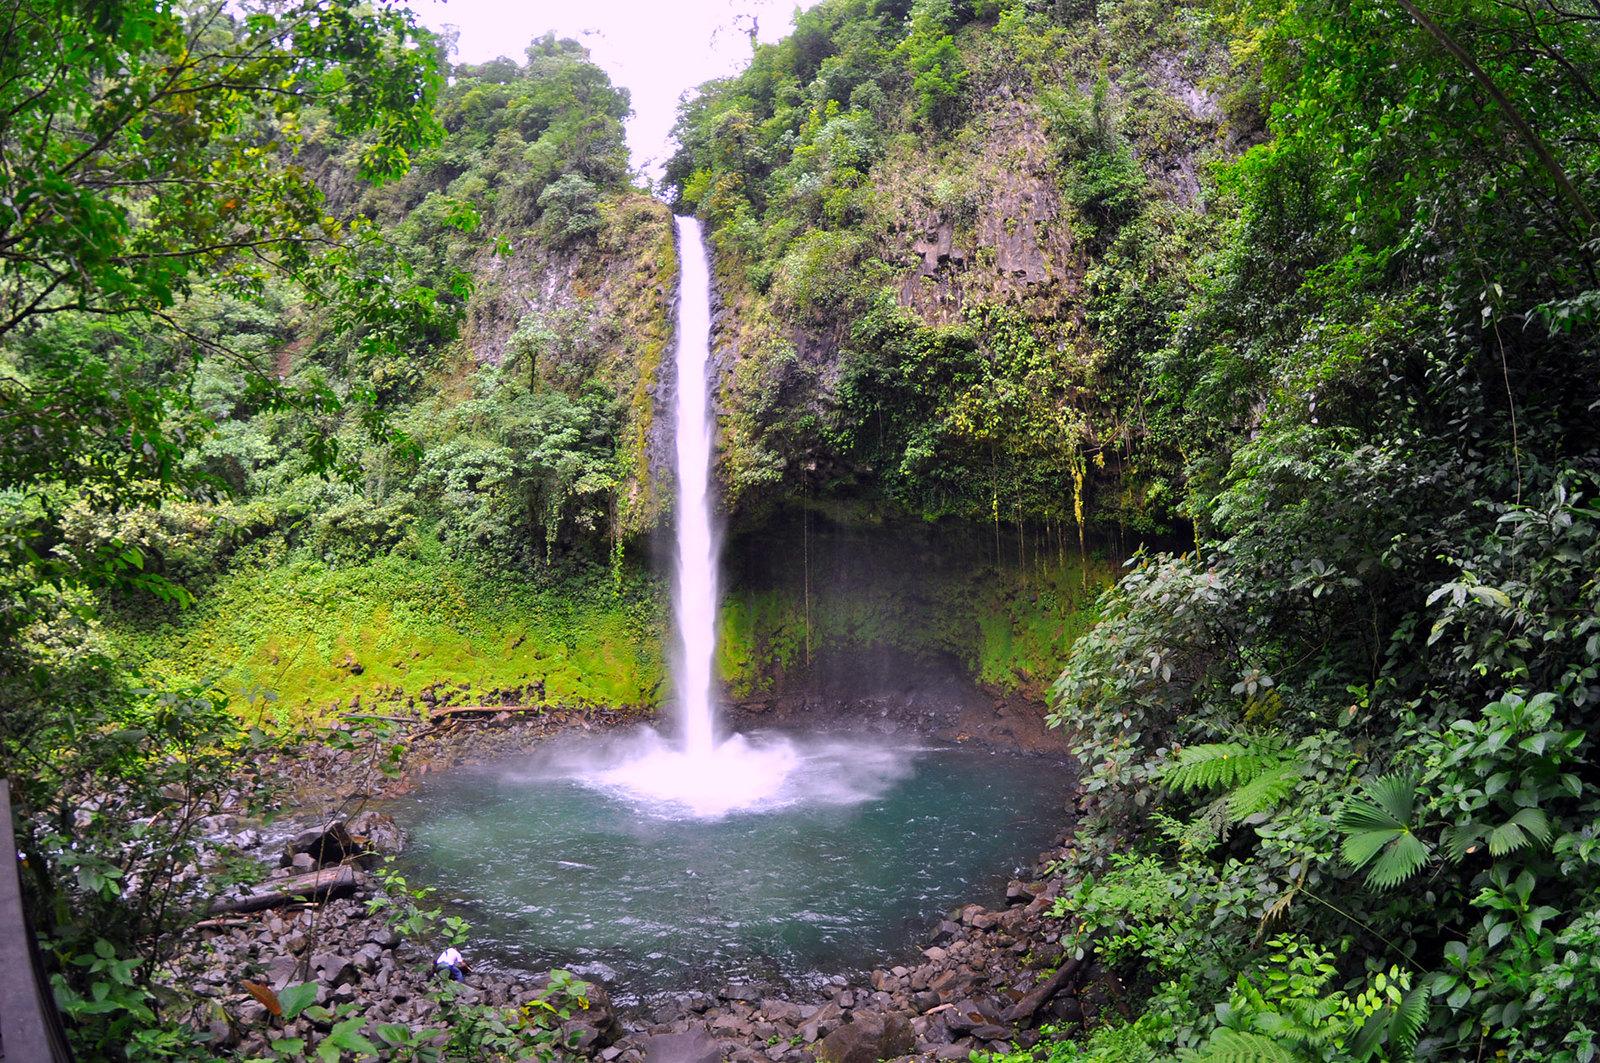 Viajar a Costa Rica / Ruta por Costa Rica en 3 semanas ruta por costa rica - 26473061439 c13a0d0b2d h - Ruta por Costa Rica en 3 semanas